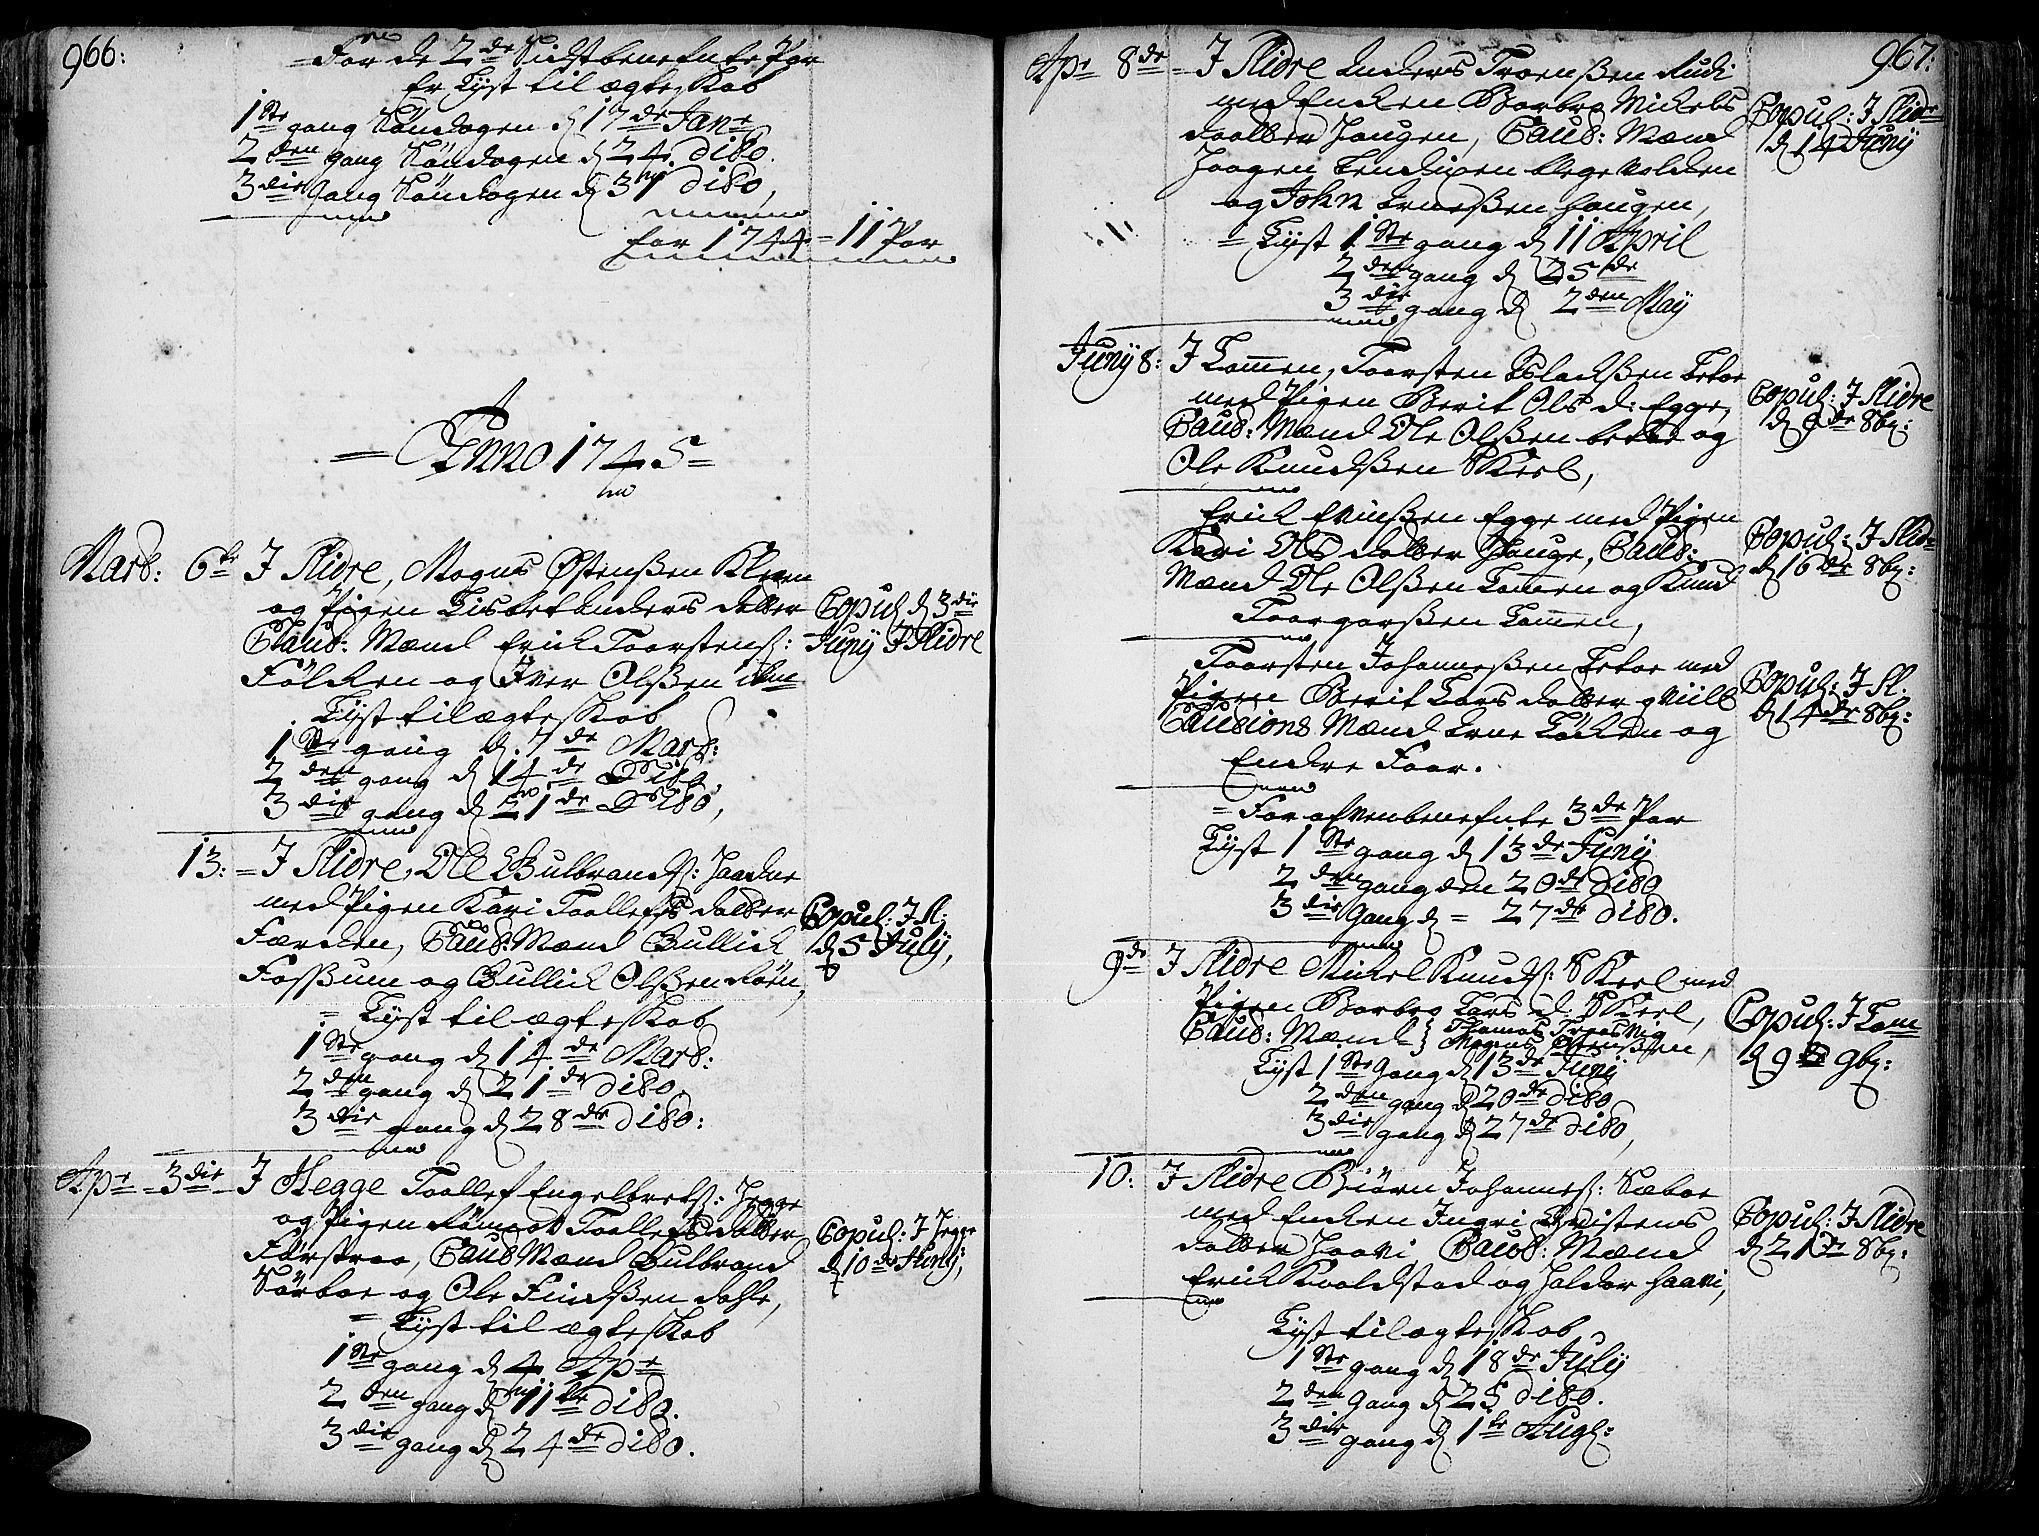 SAH, Slidre prestekontor, Ministerialbok nr. 1, 1724-1814, s. 966-967